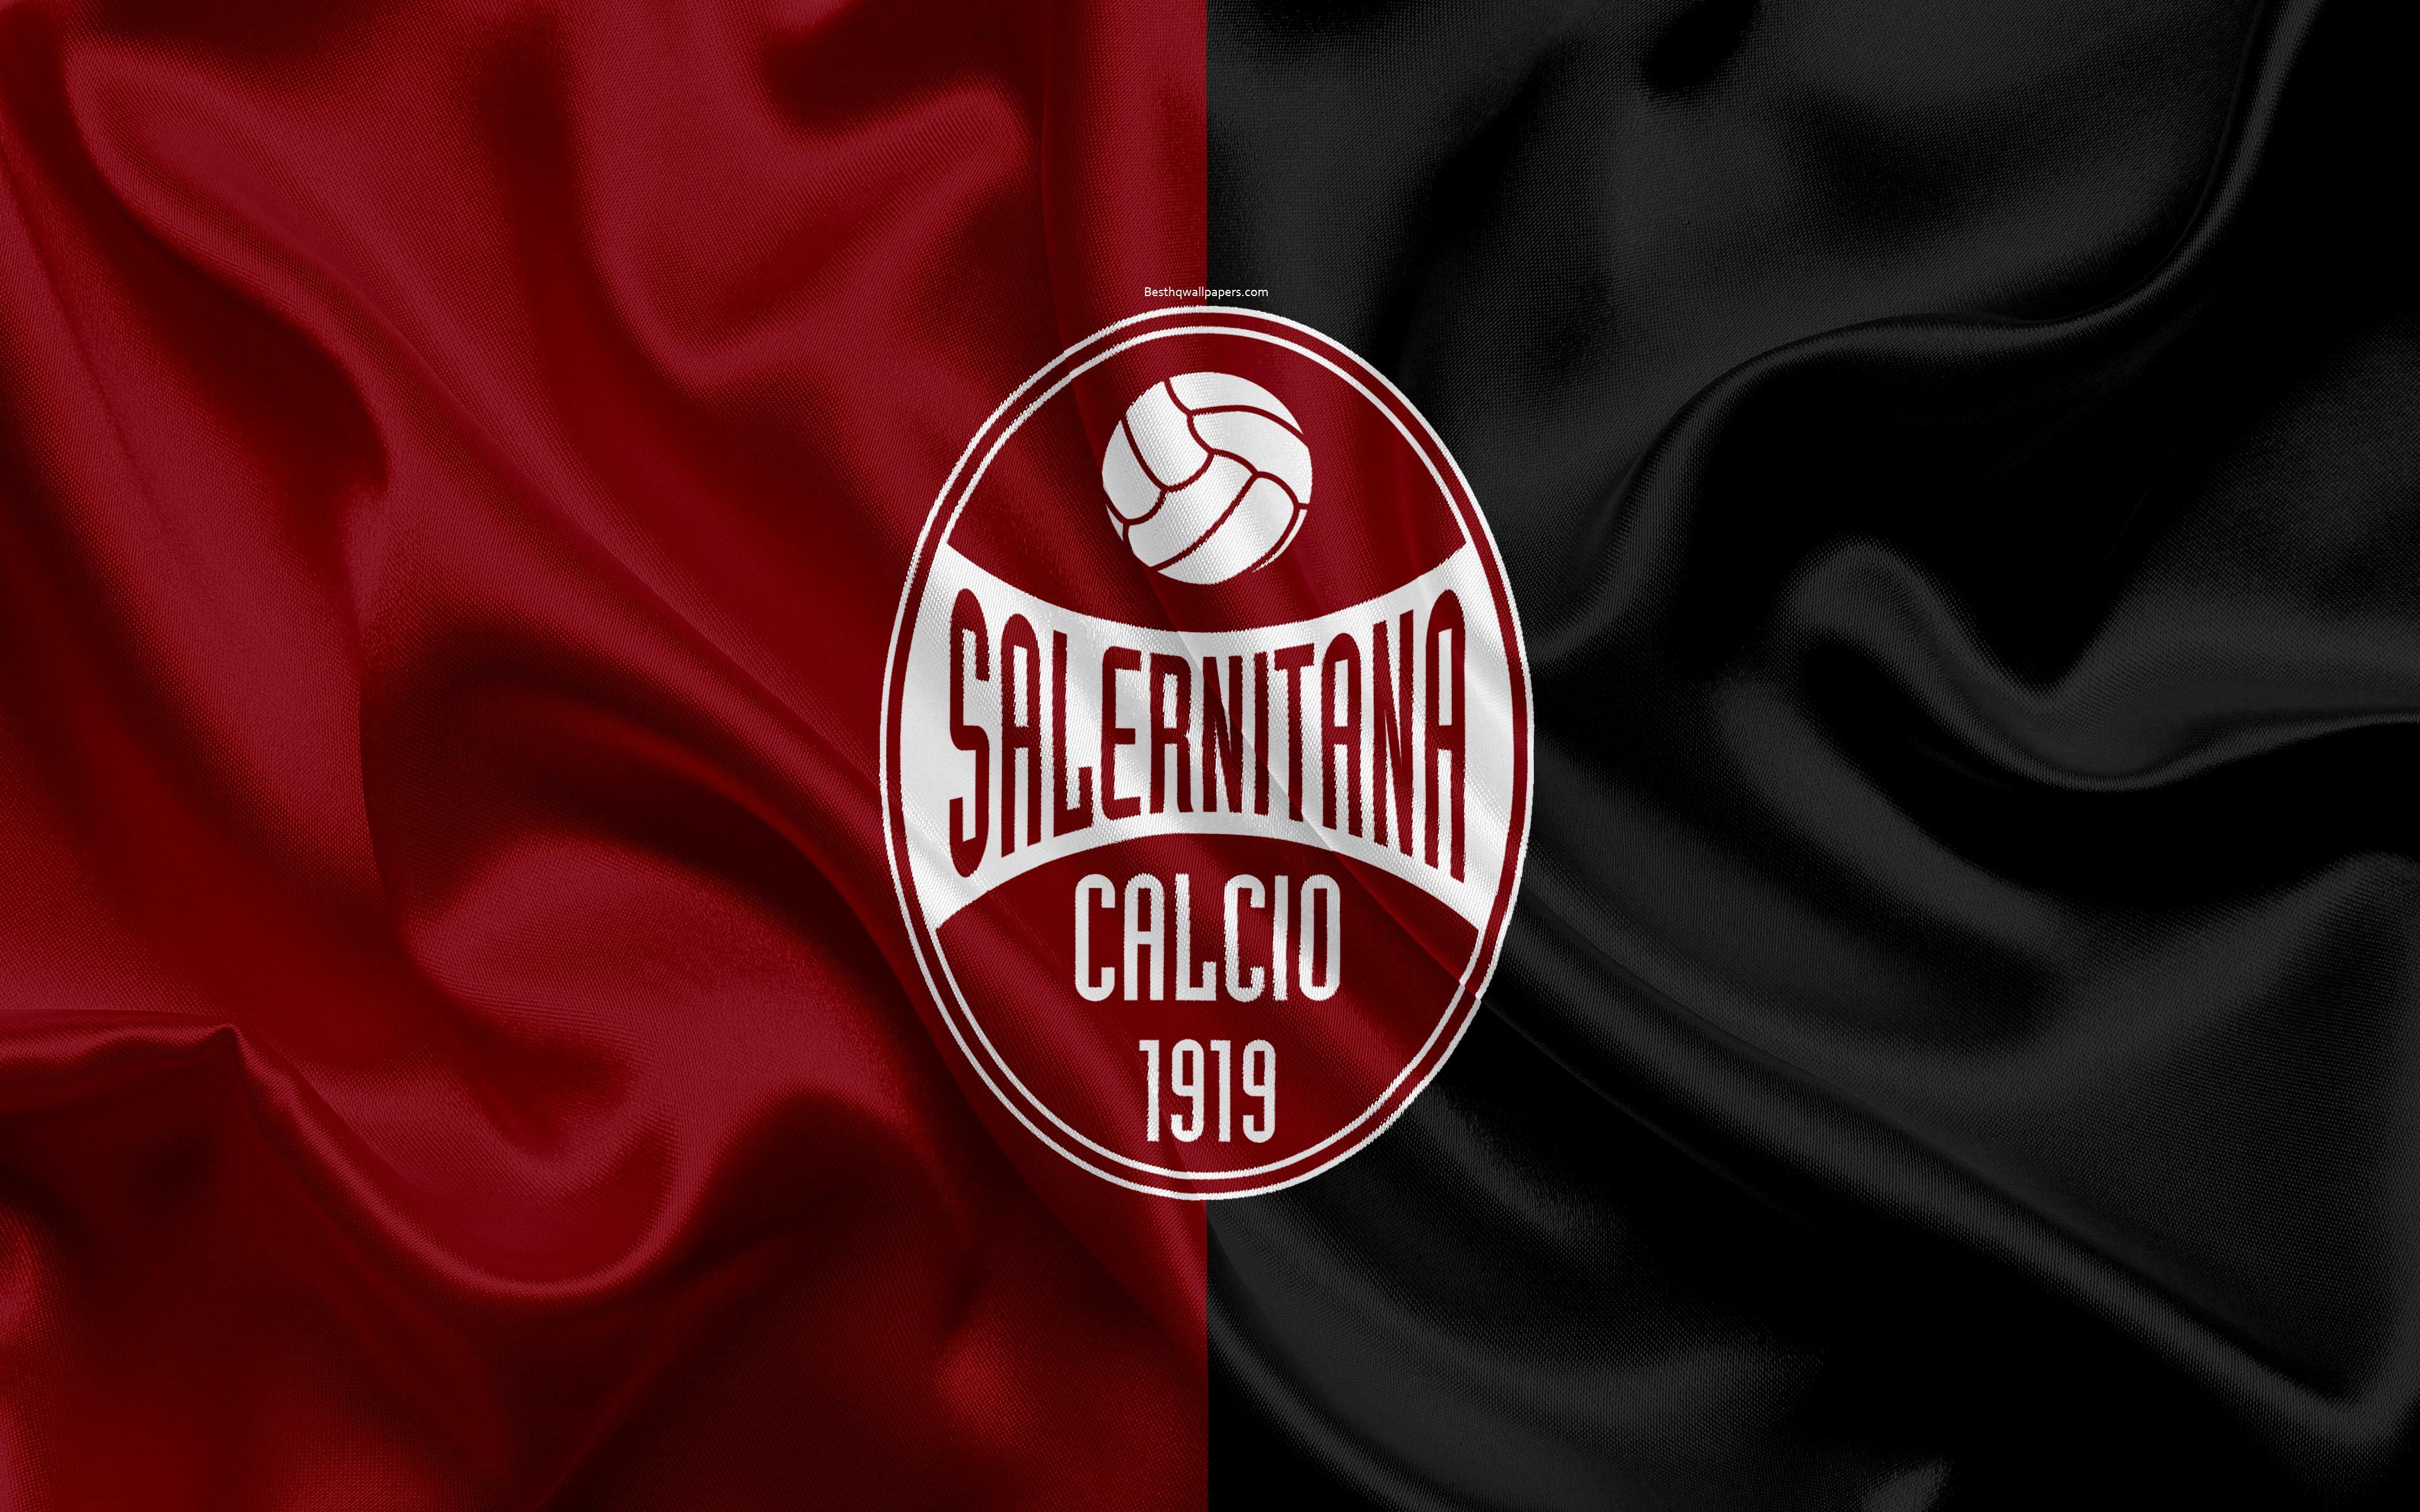 Sfondi Lecce Calcio   SfondiWe